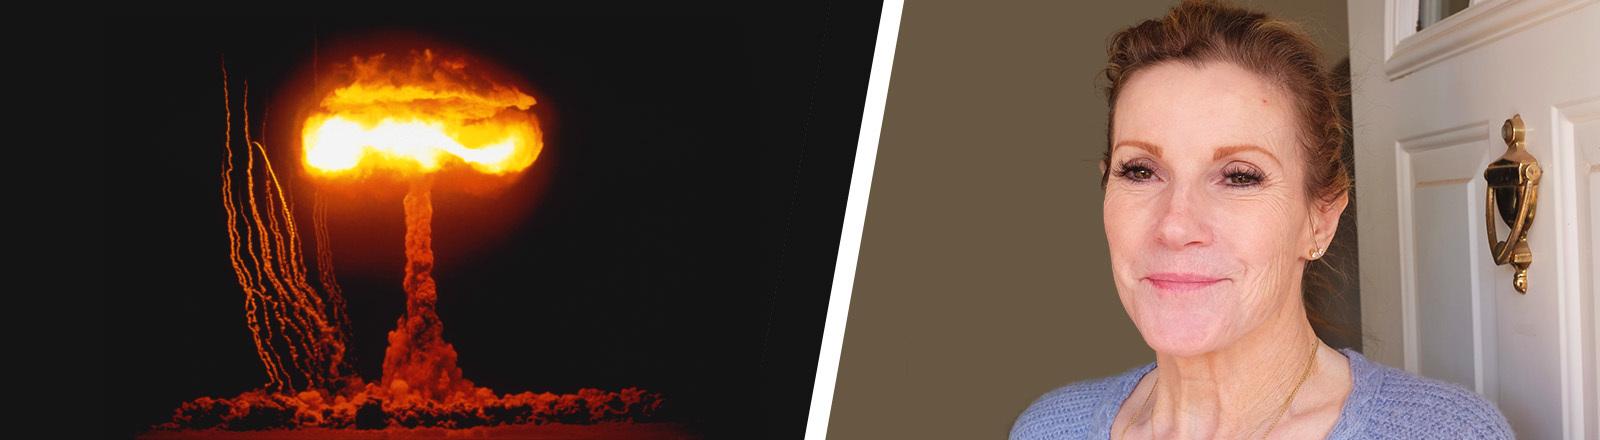 Collage von Atomtest und Porträt Claudia Peterson